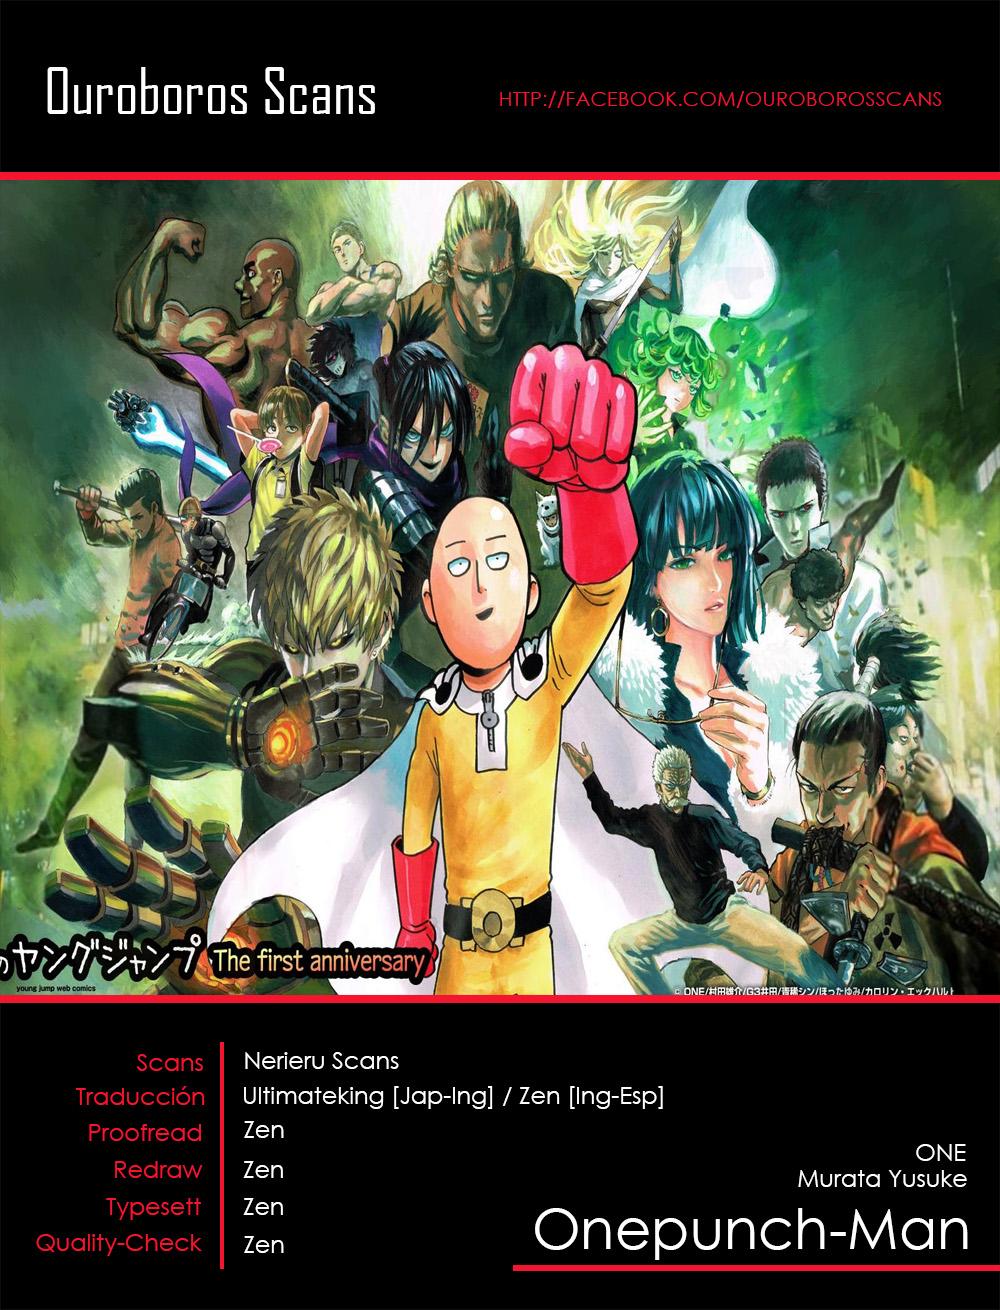 https://c5.ninemanga.com/es_manga/21/14805/414693/2ec8adb60182b3c41a31333baecd332a.jpg Page 1